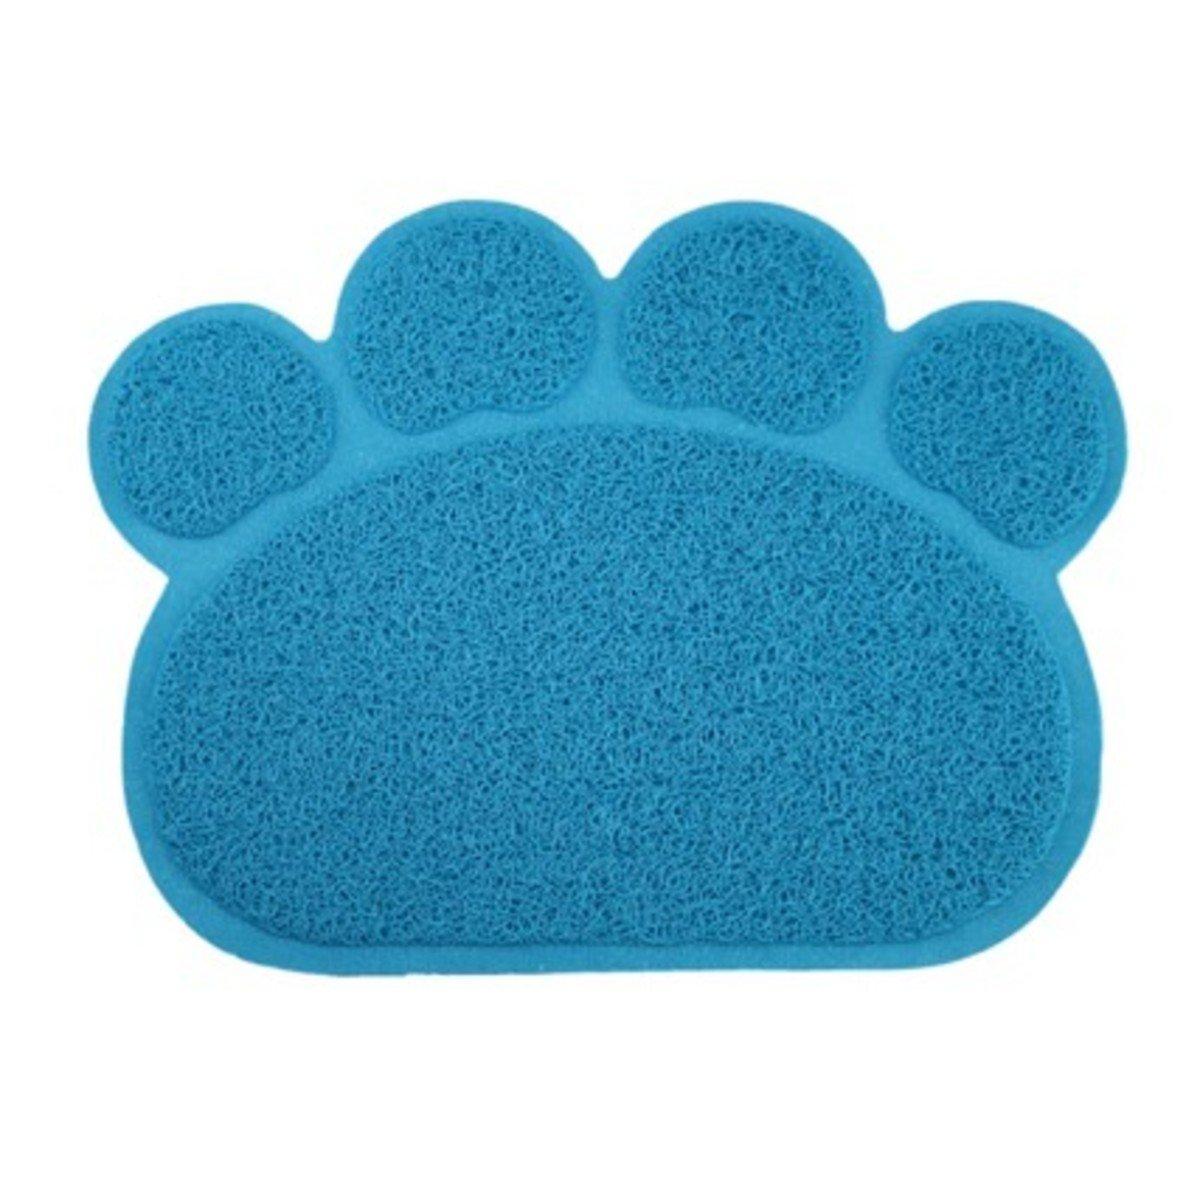 貓掌形廁所隔砂墊 (藍色)